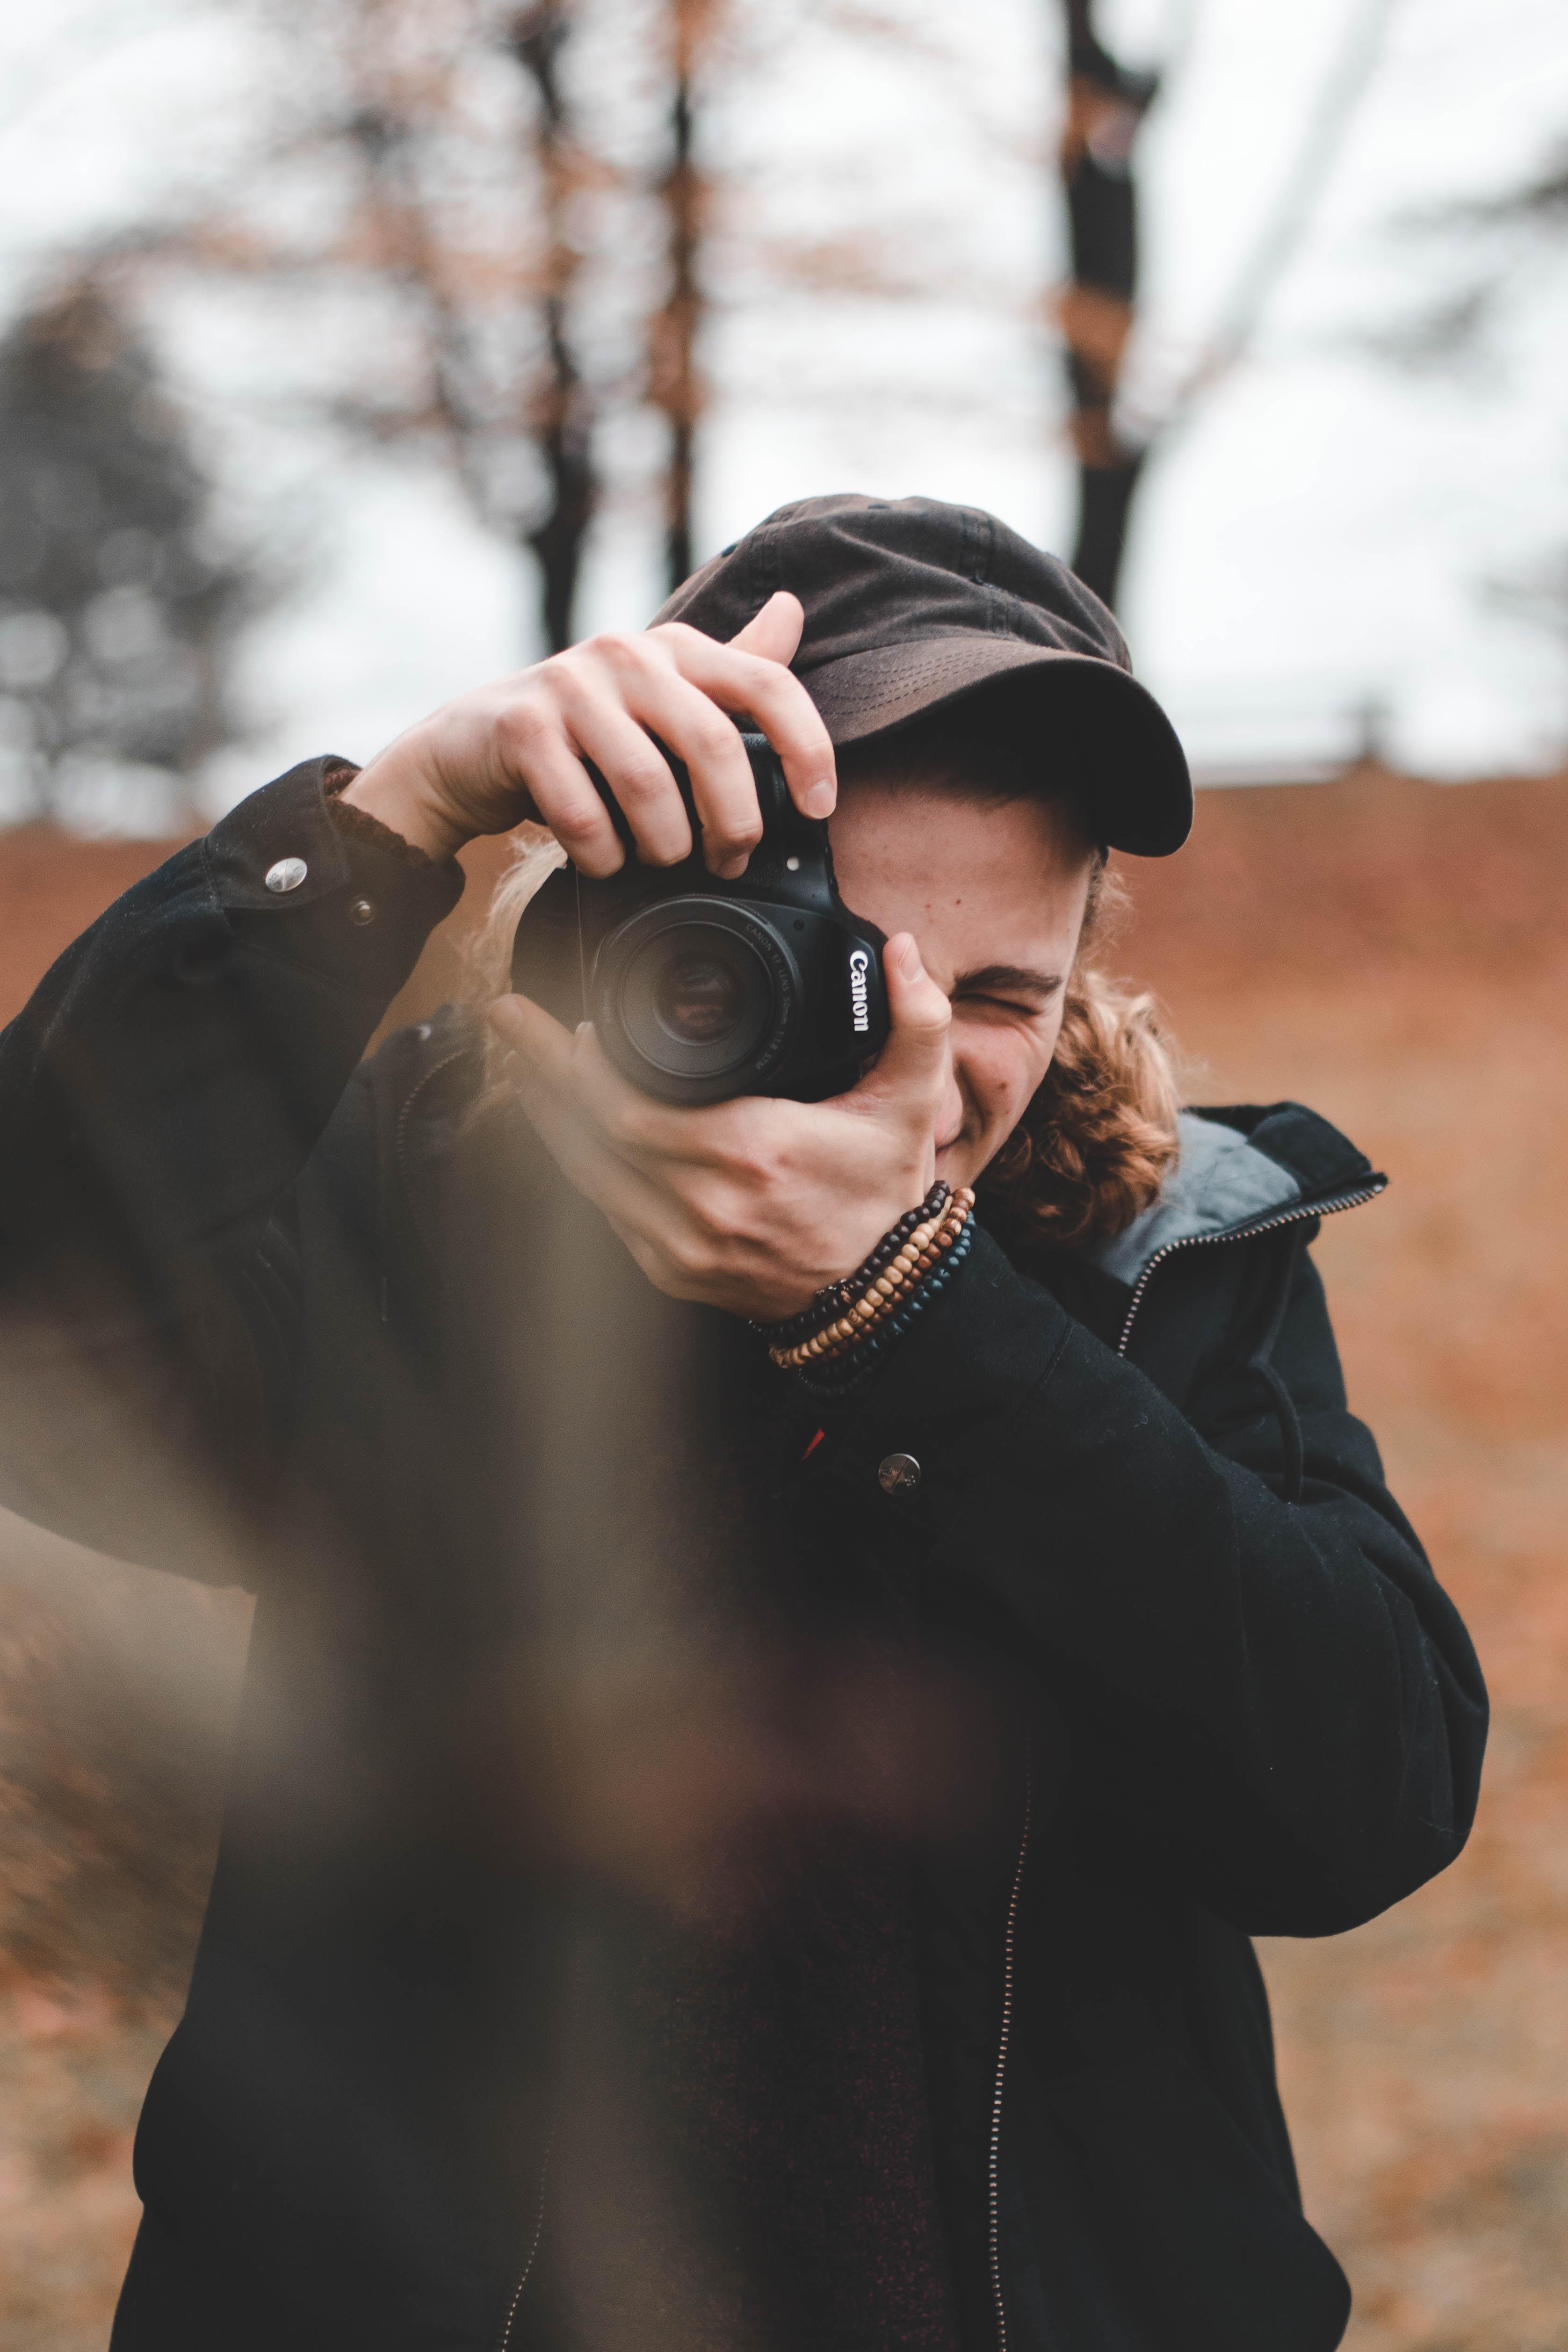 man taking photo using DSLR camera